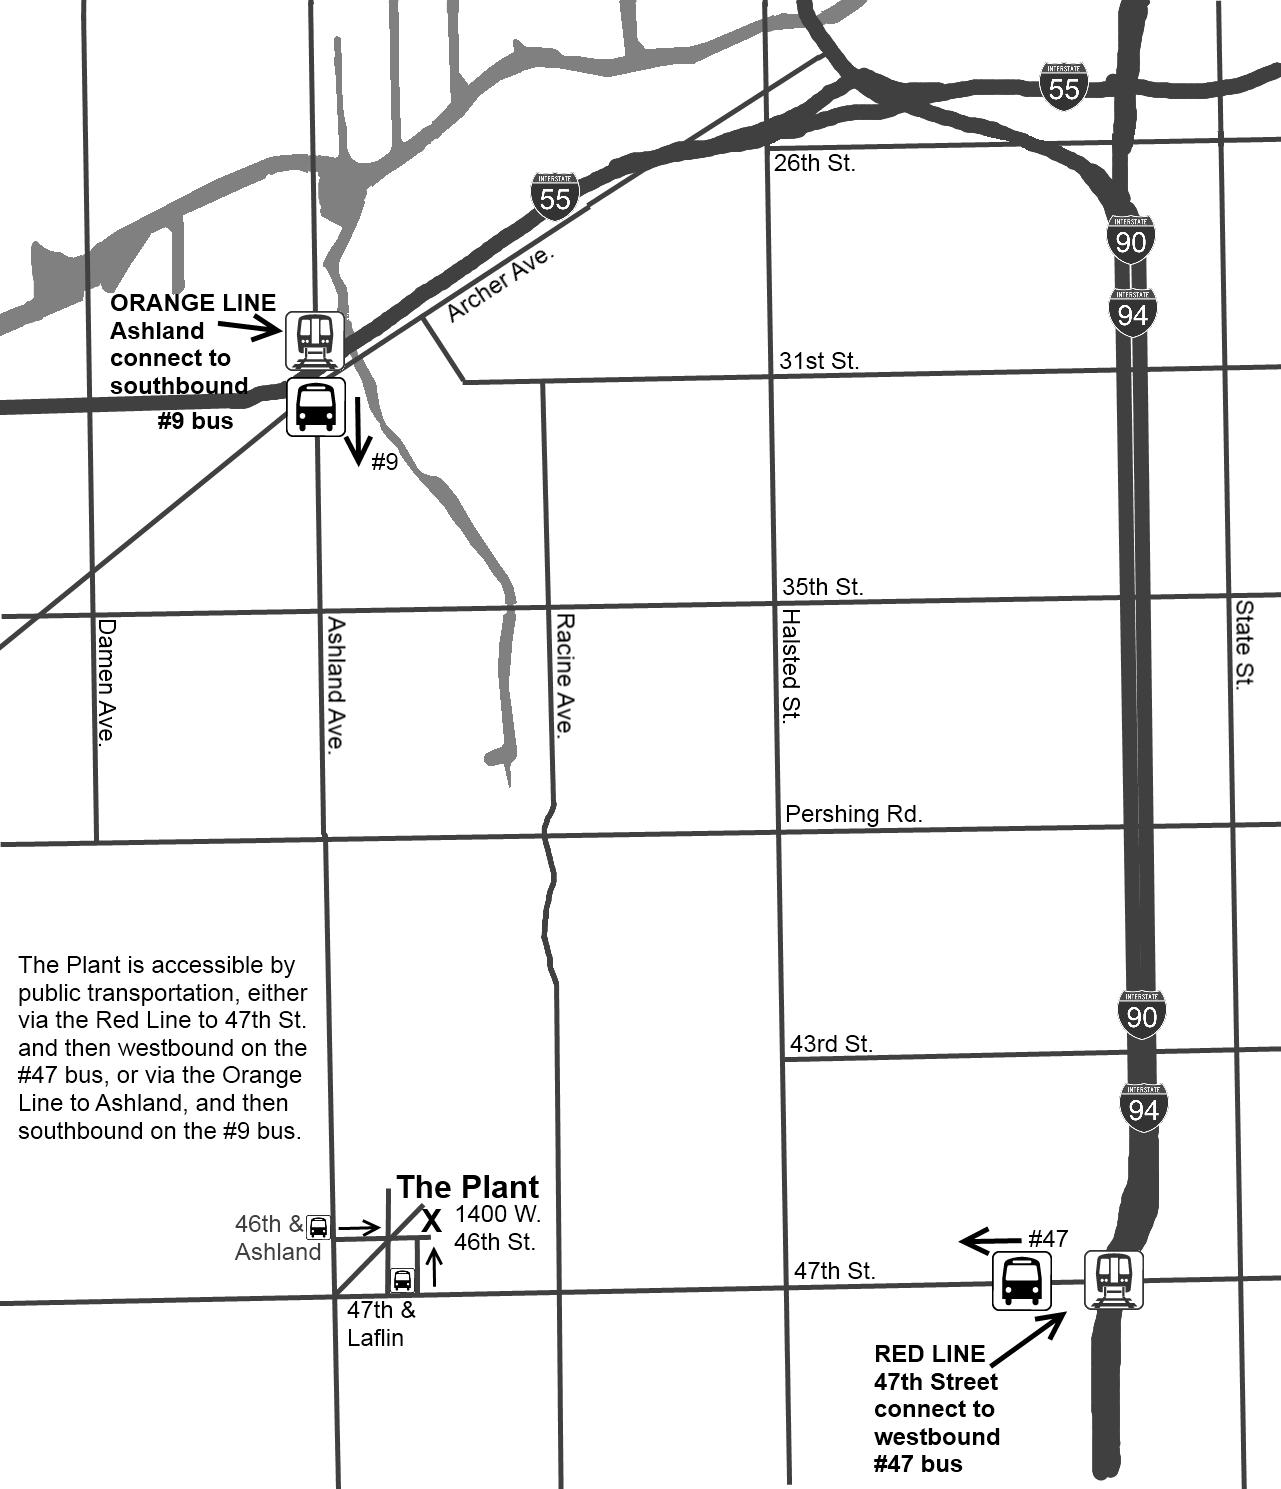 PlantCTAmap